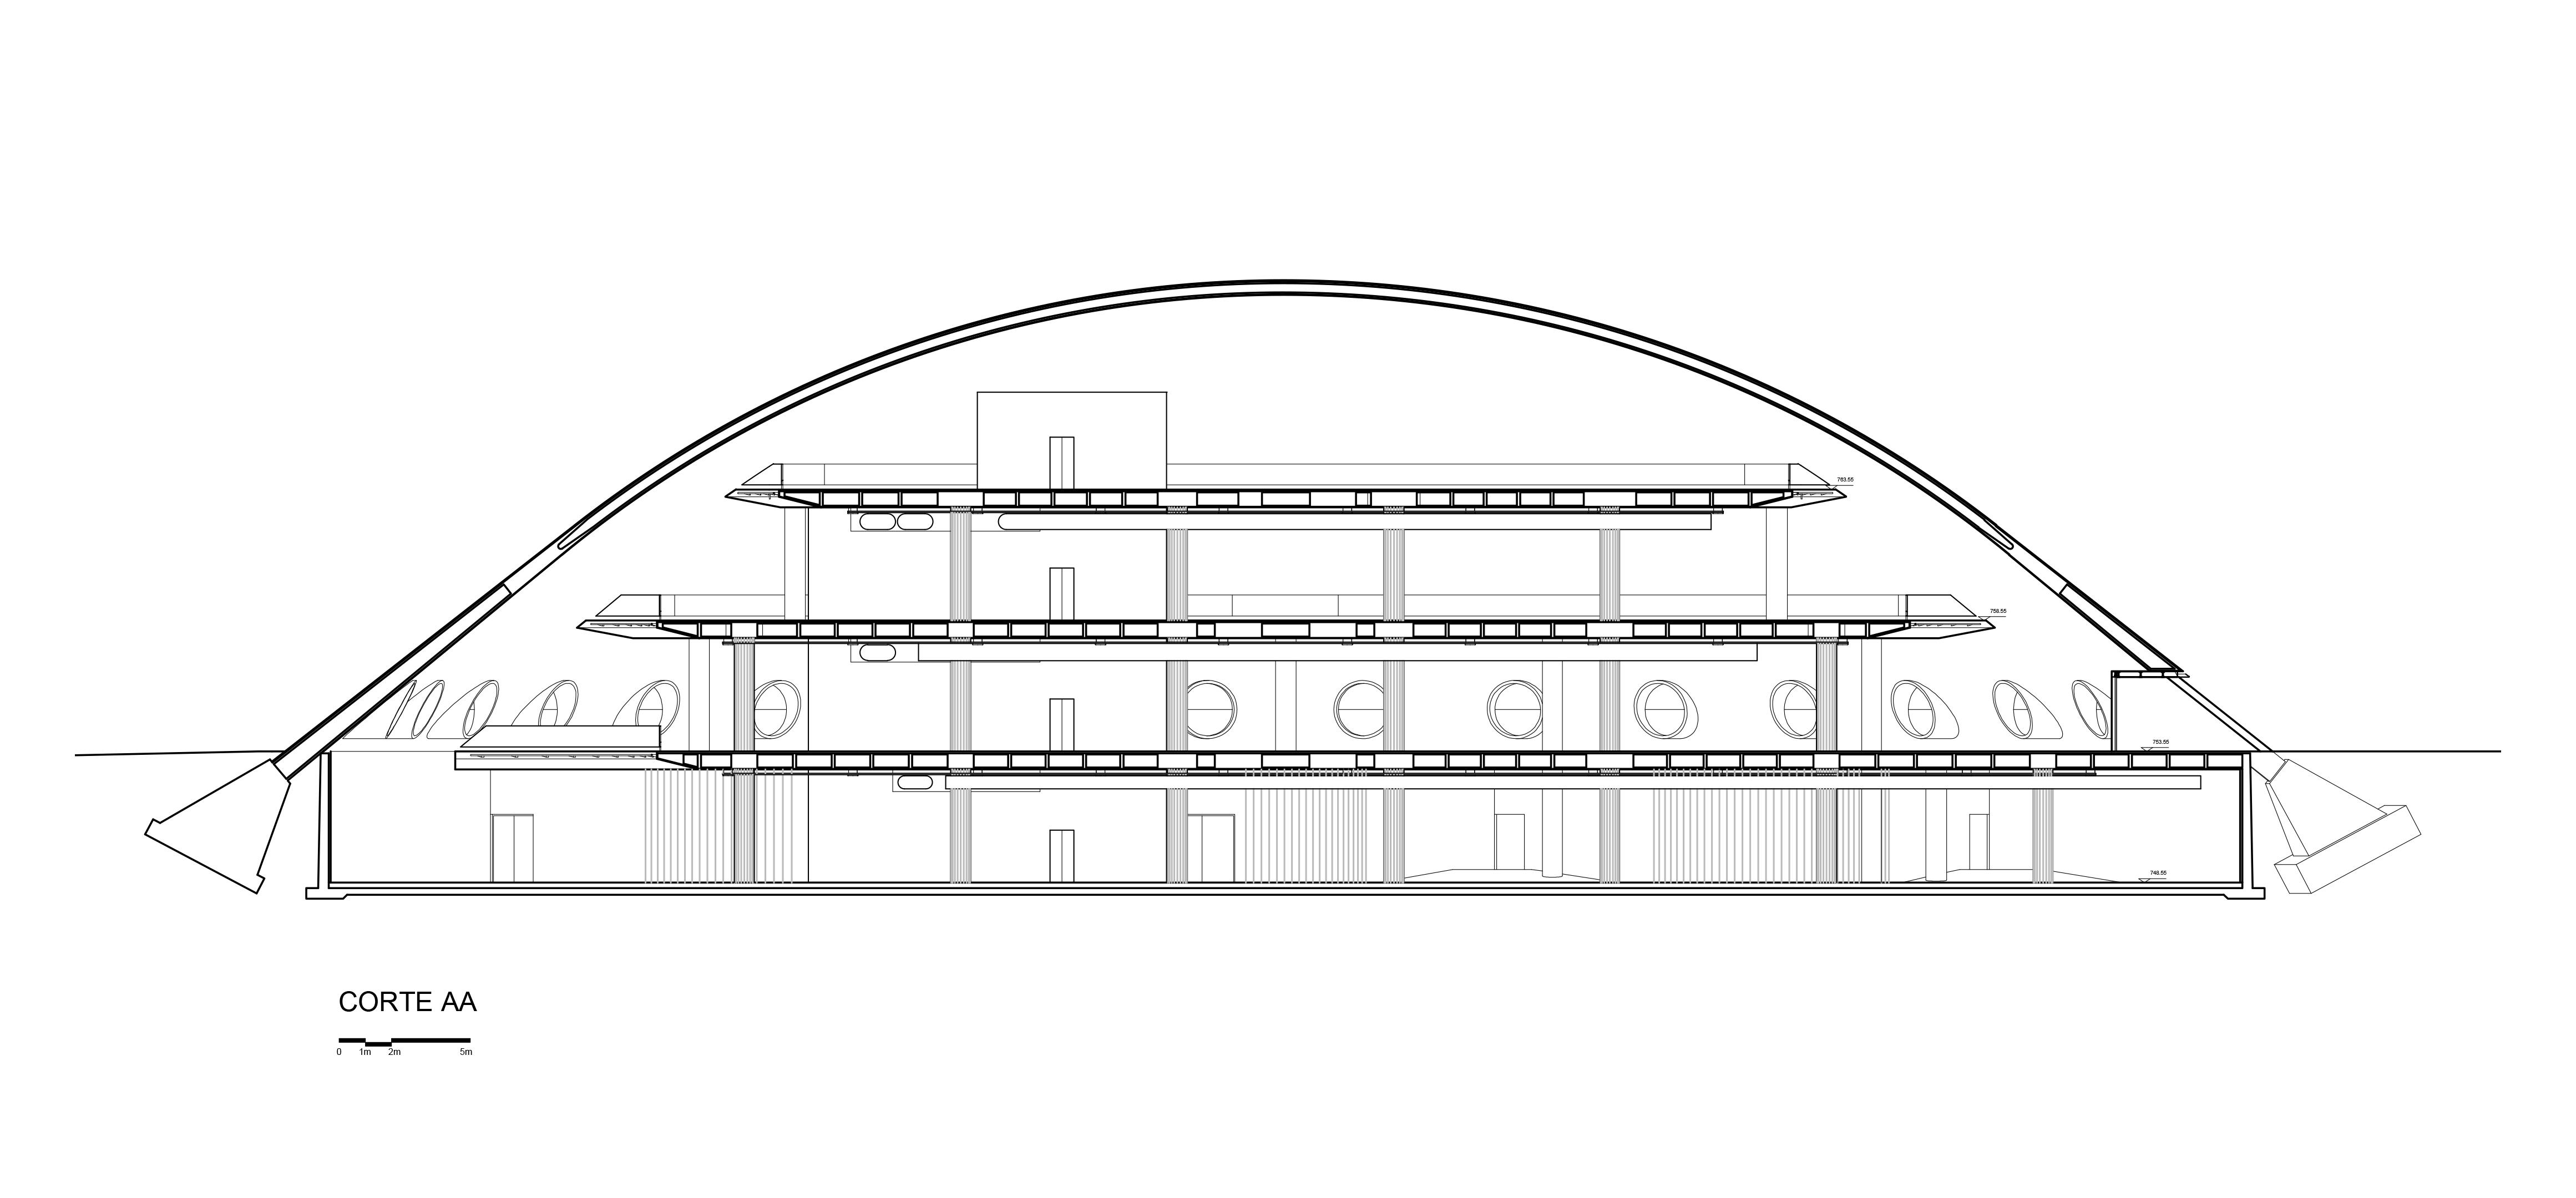 oca - pavilhão lucas nogueira garcez